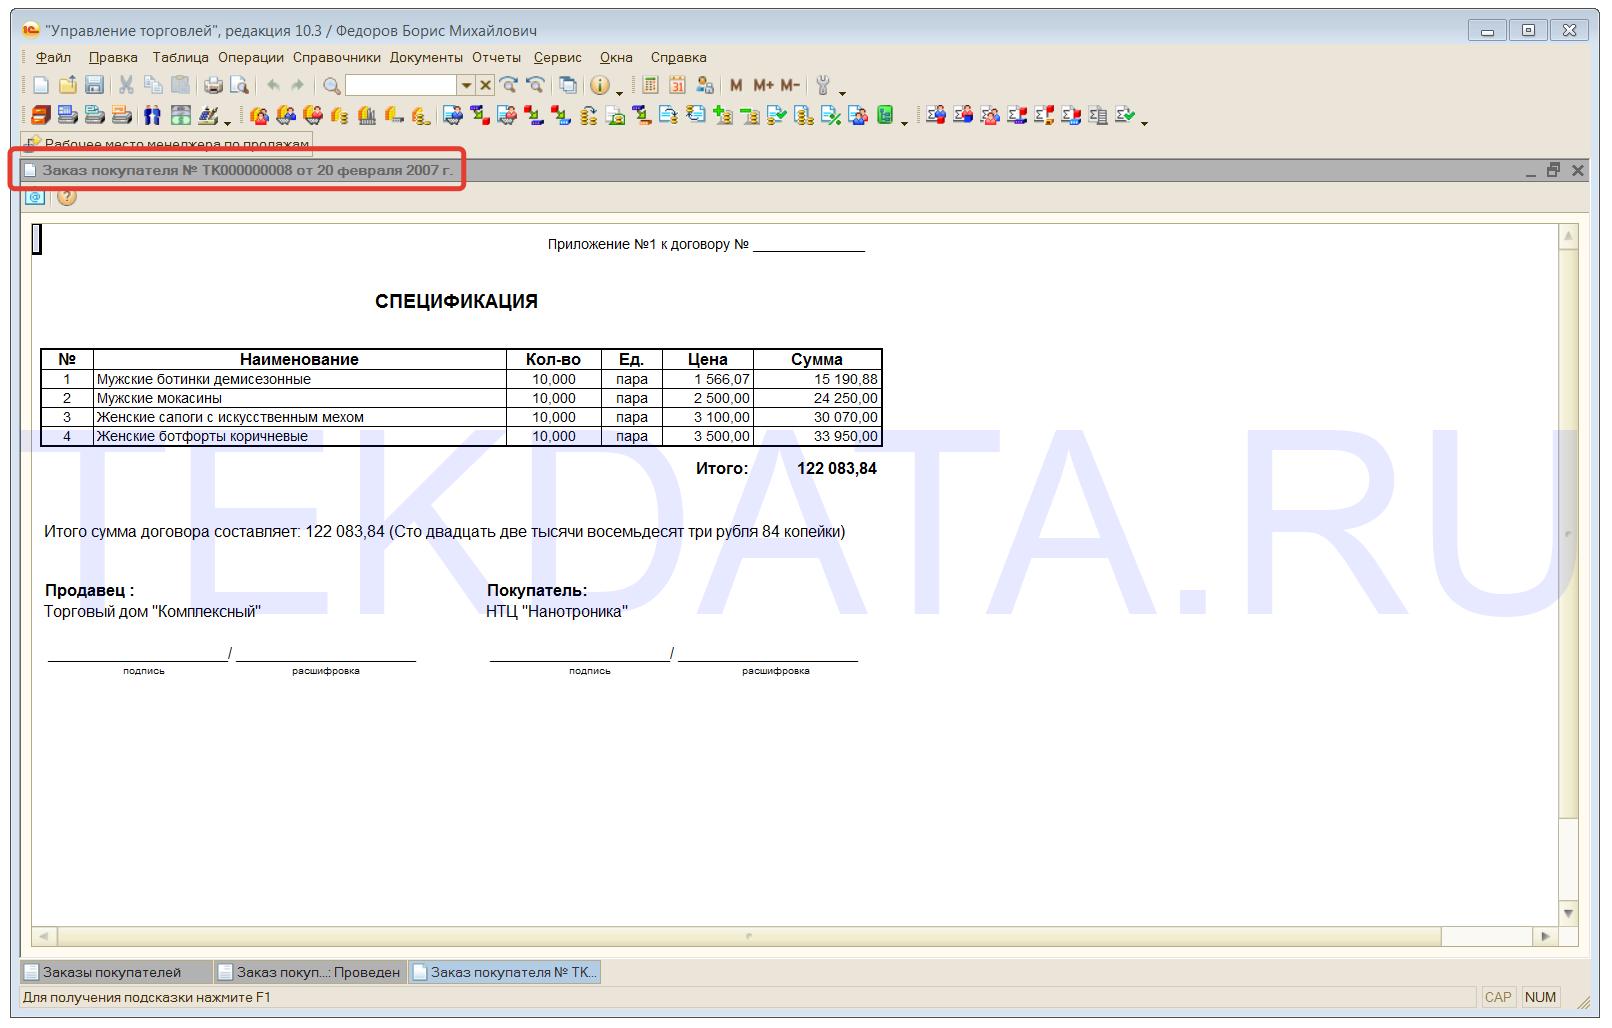 Спецификация к договору 1С 8.2 - УТ 10.3 (Рис. zakaz-2) | tekdata.ru